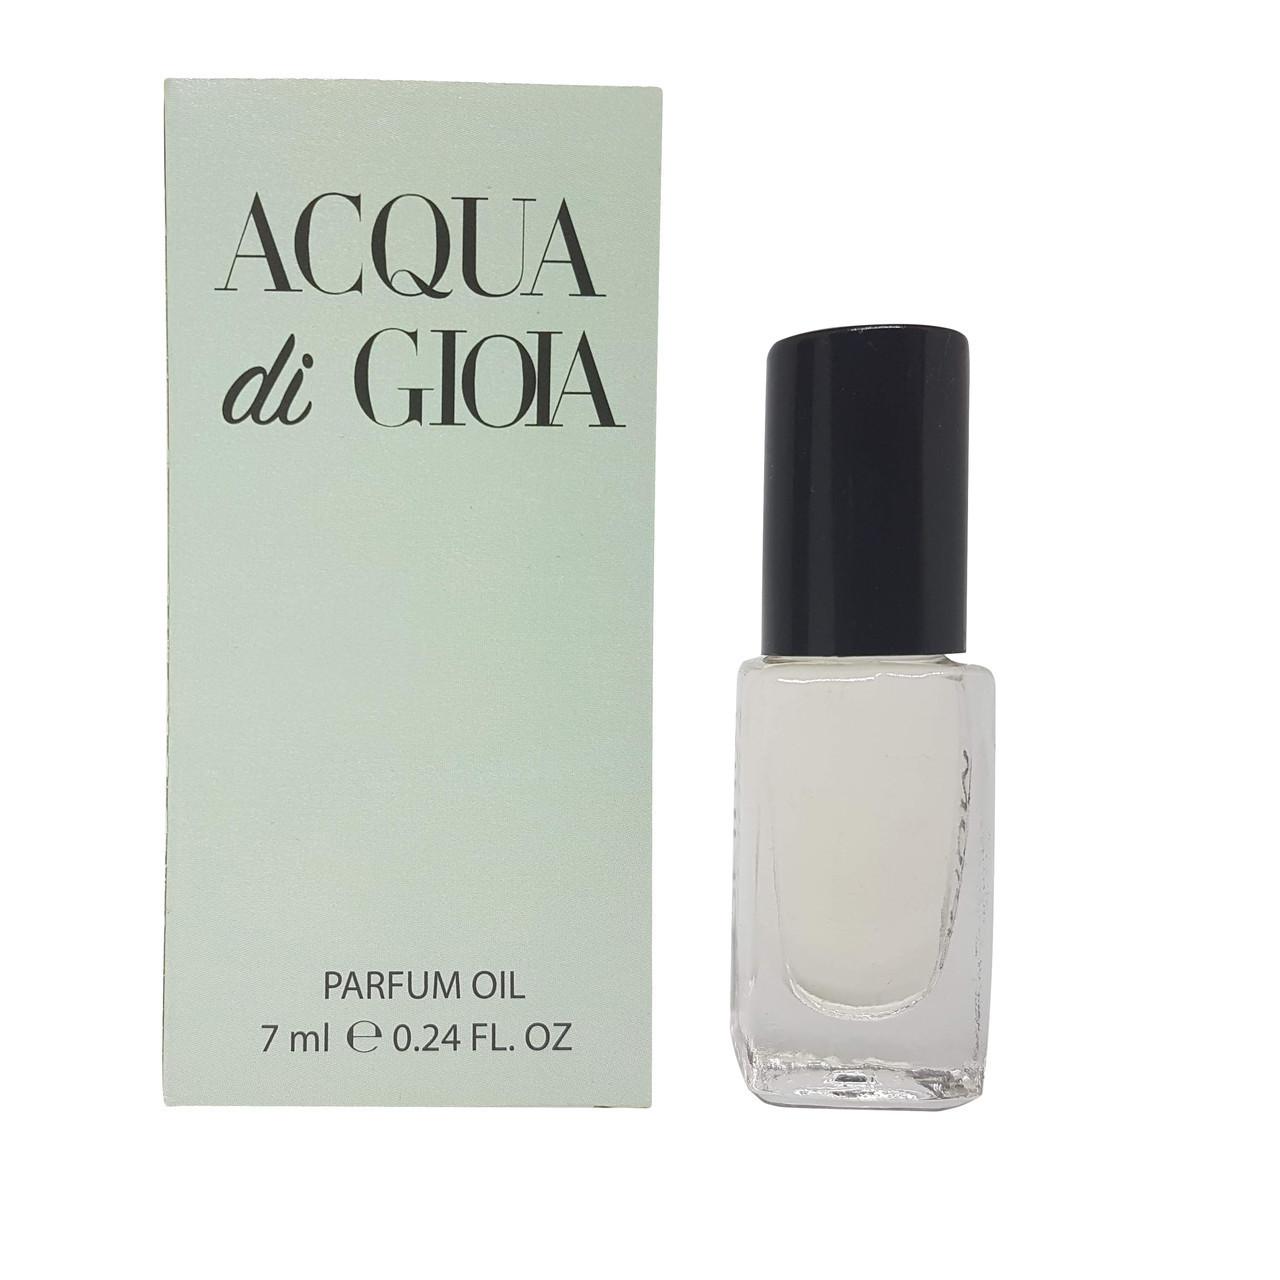 Giorgio Armani Acqua di Gioia - Parfum oil 7ml